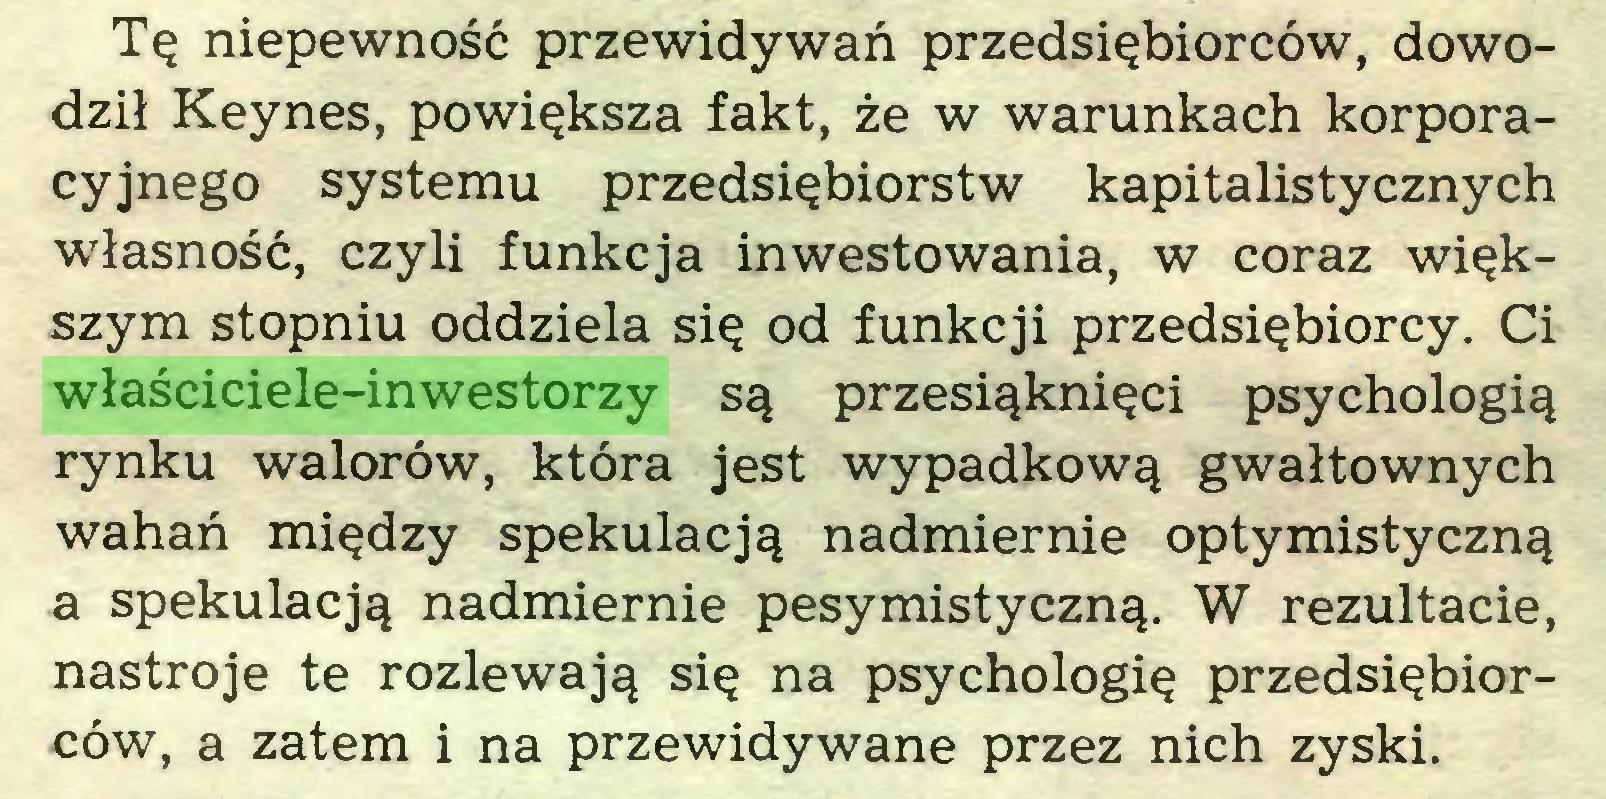 (...) Tę niepewność przewidywań przedsiębiorców, dowodził Keynes, powiększa fakt, że w warunkach korporacyjnego systemu przedsiębiorstw kapitalistycznych własność, czyli funkcja inwestowania, w coraz większym stopniu oddziela się od funkcji przedsiębiorcy. Ci właściciele-inwestorzy są przesiąknięci psychologią rynku walorów, która jest wypadkową gwałtownych wahań między spekulacją nadmiernie optymistyczną a spekulacją nadmiernie pesymistyczną. W rezultacie, nastroje te rozlewają się na psychologię przedsiębiorców, a zatem i na przewidywane przez nich zyski...